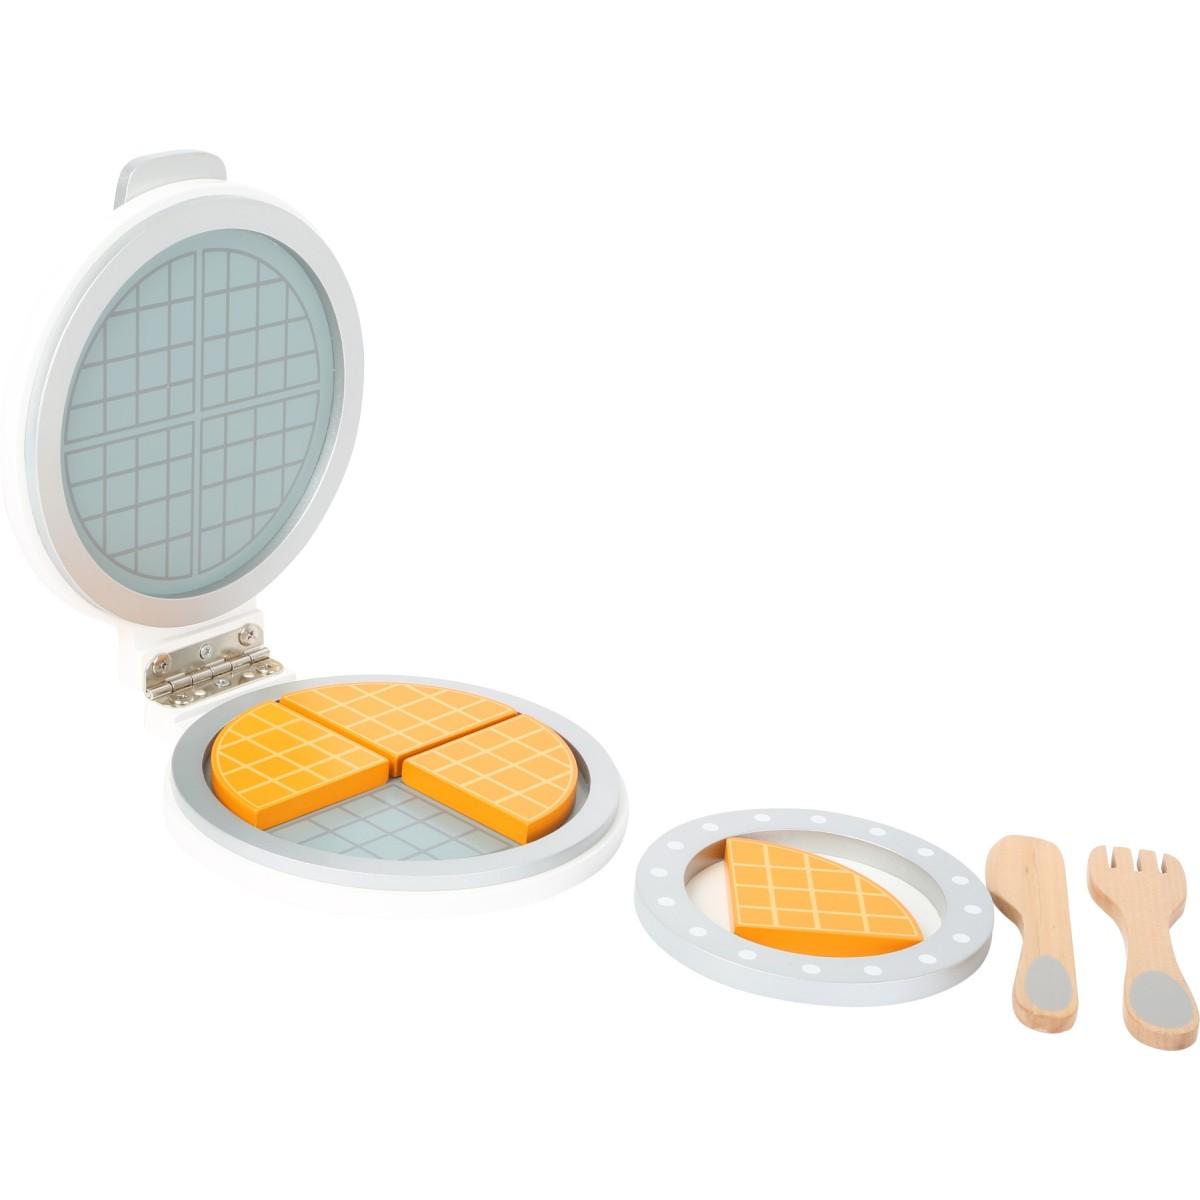 Waffeleisen aus holz von small foot holzspielzeug profi for Holzspielzeug profi